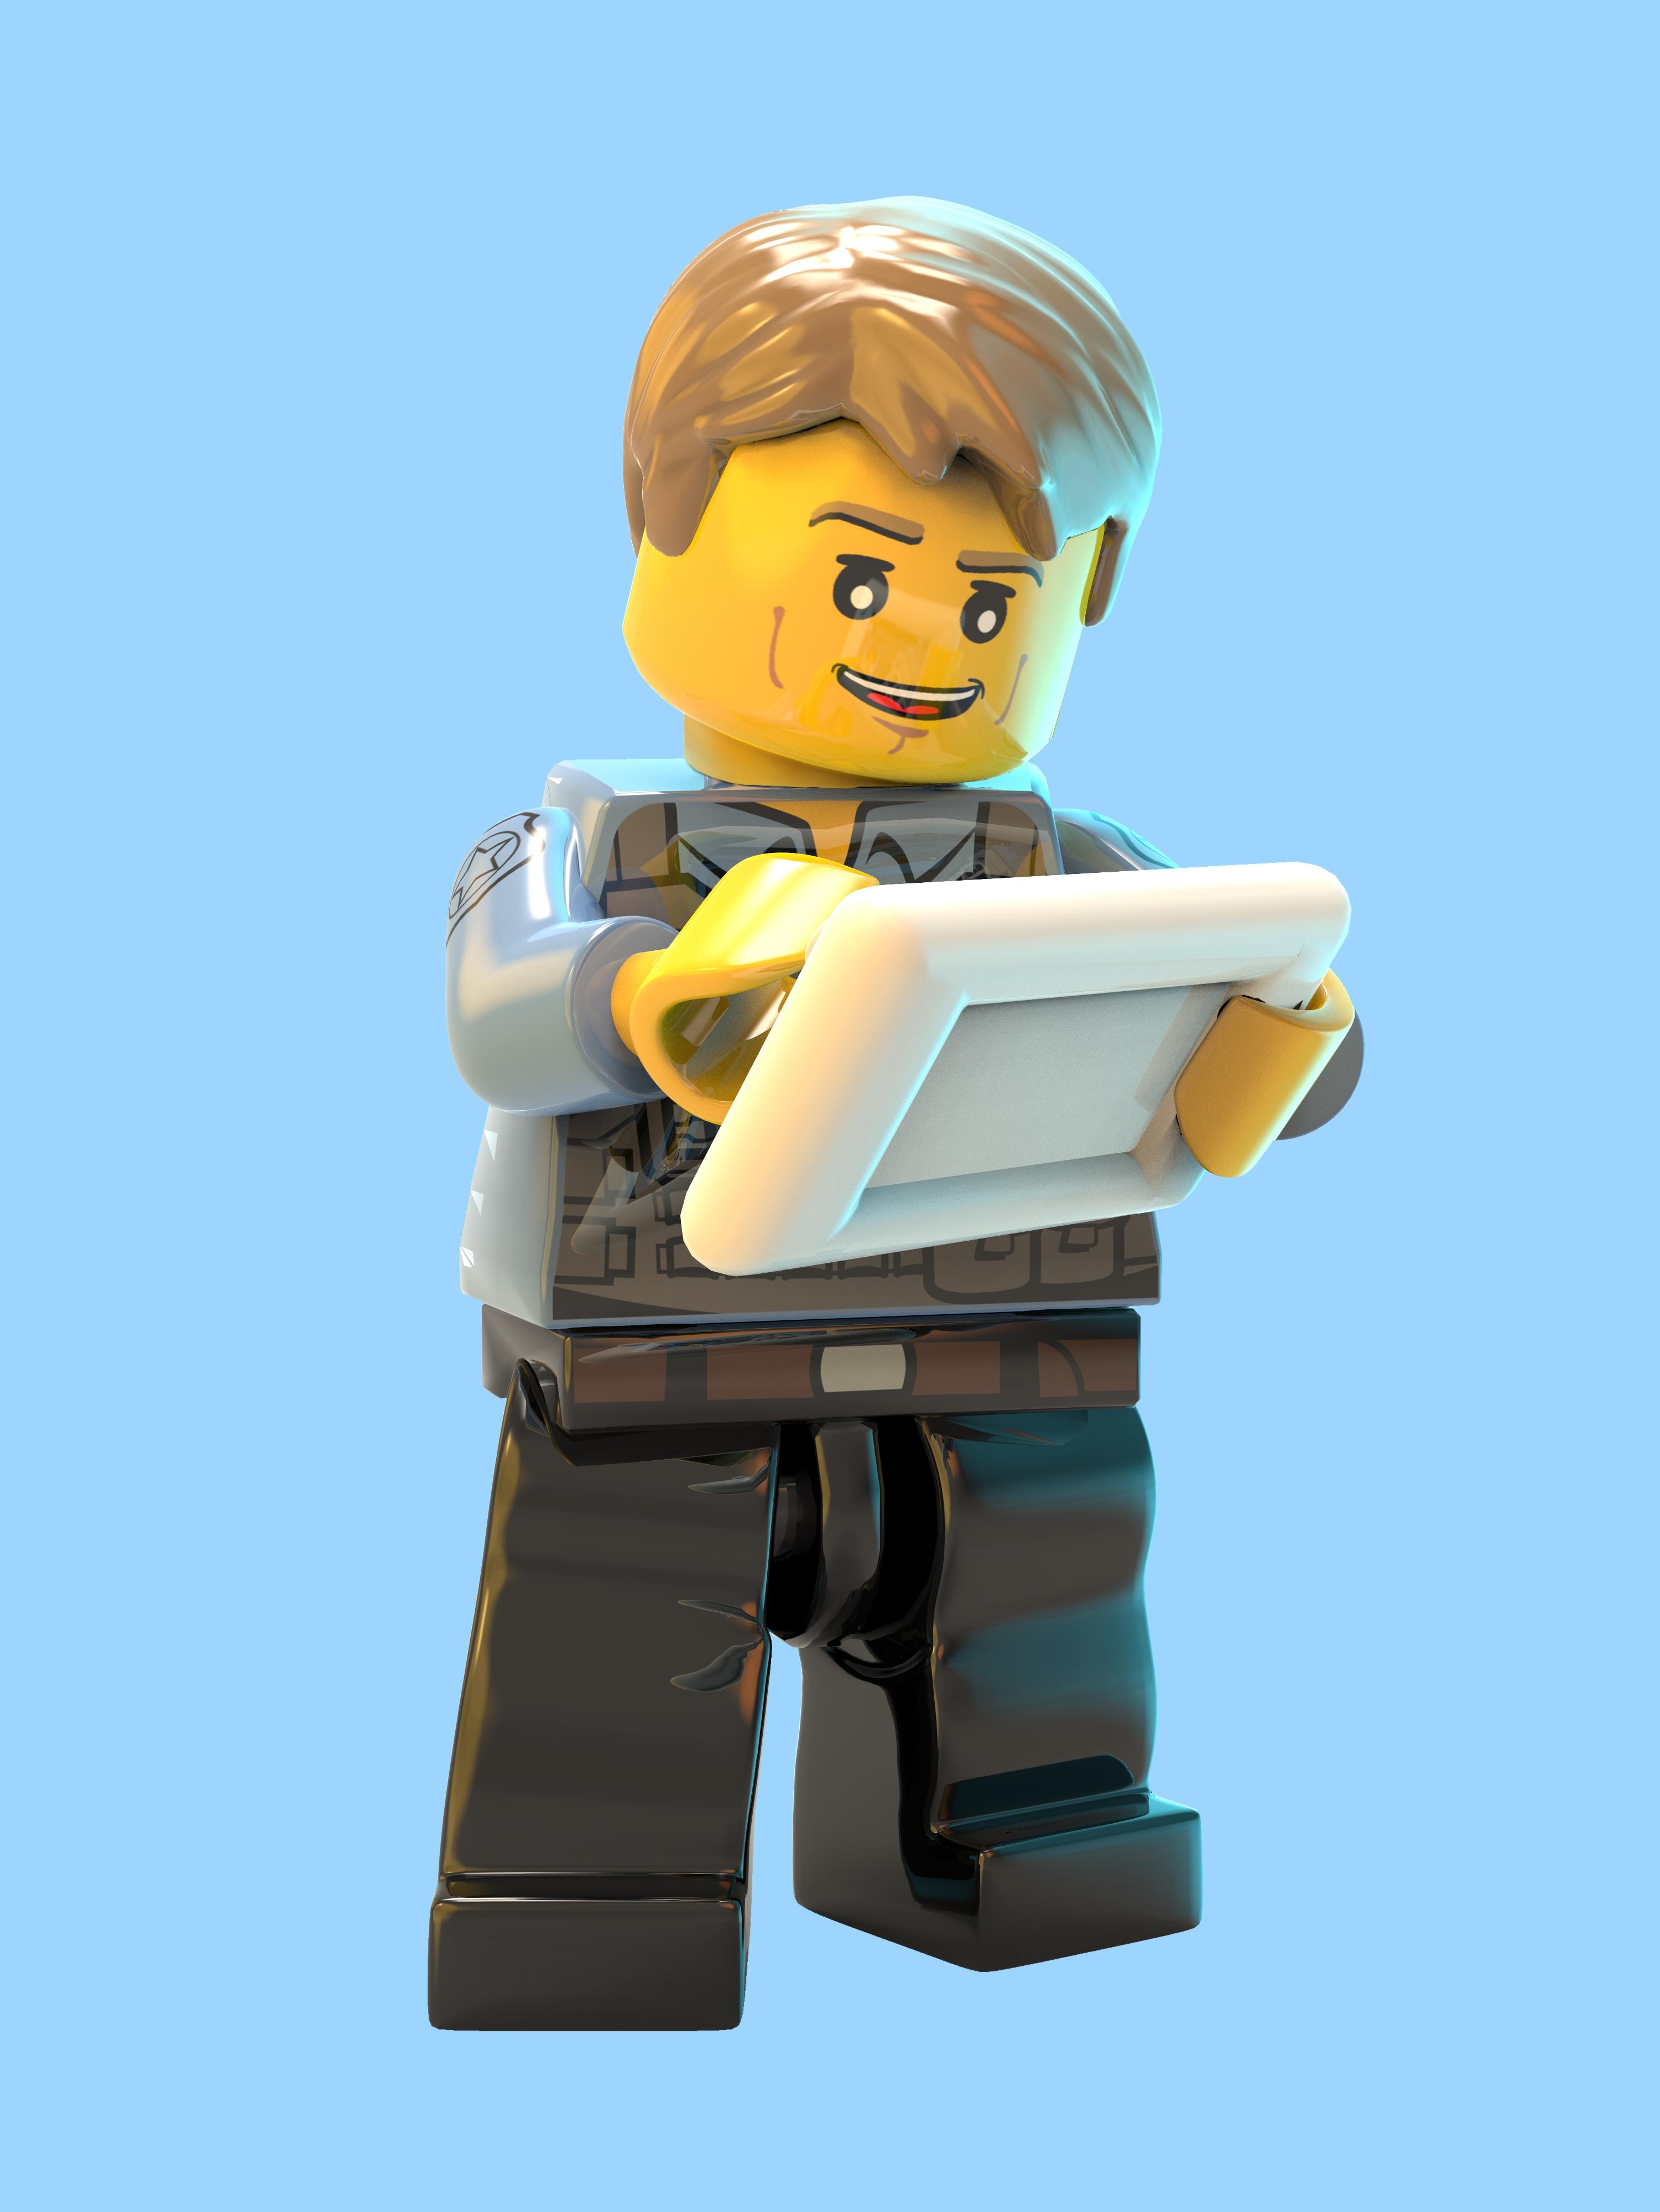 LEGO City Undercover - LEGO City Undercover Арт, Персонаж